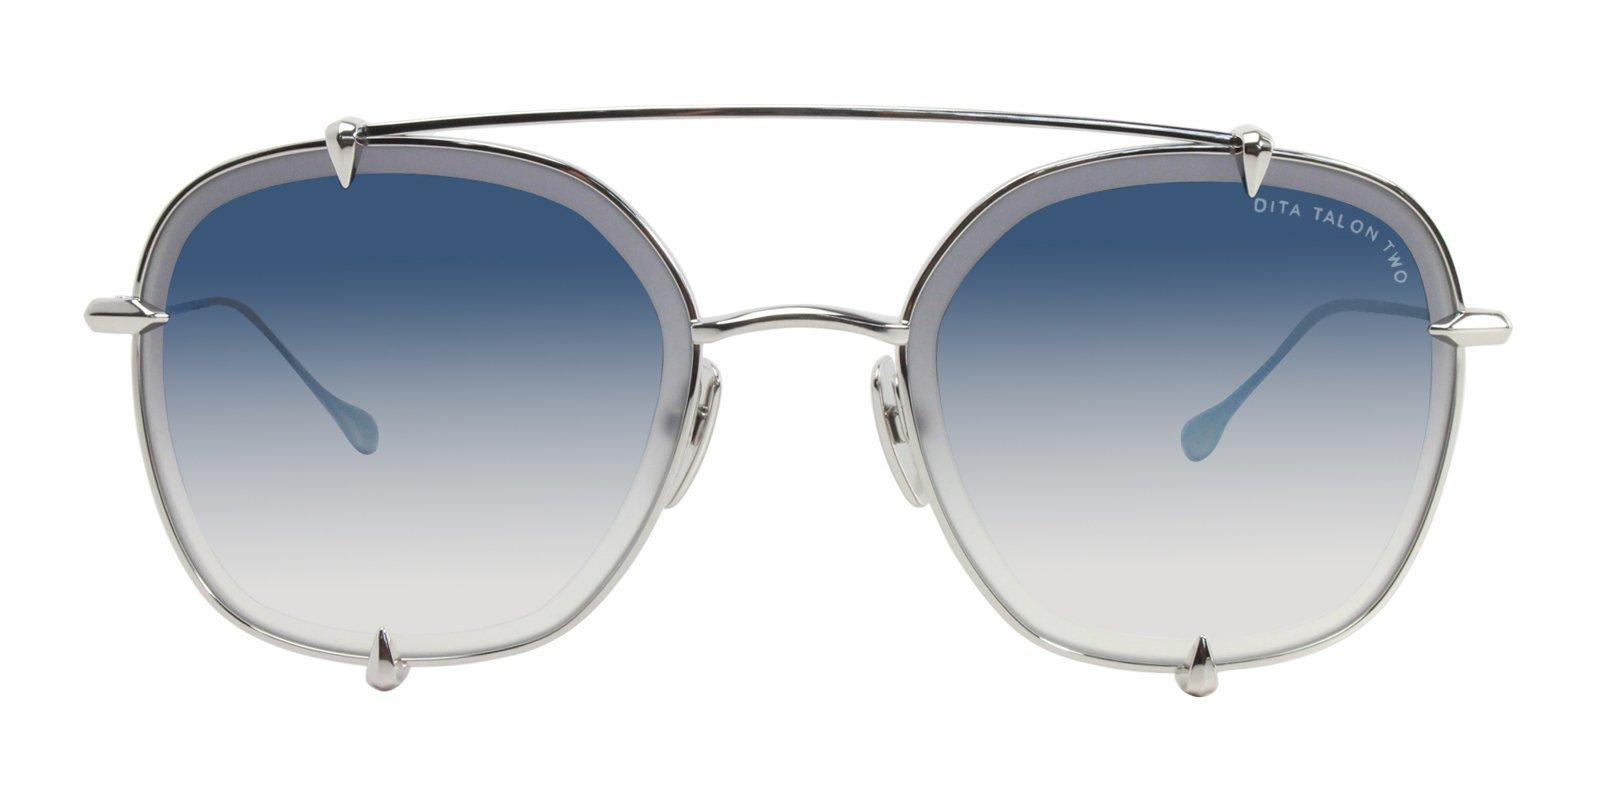 fa1258b65c9 Dita - Talon-Two Silver - Blue sunglasses